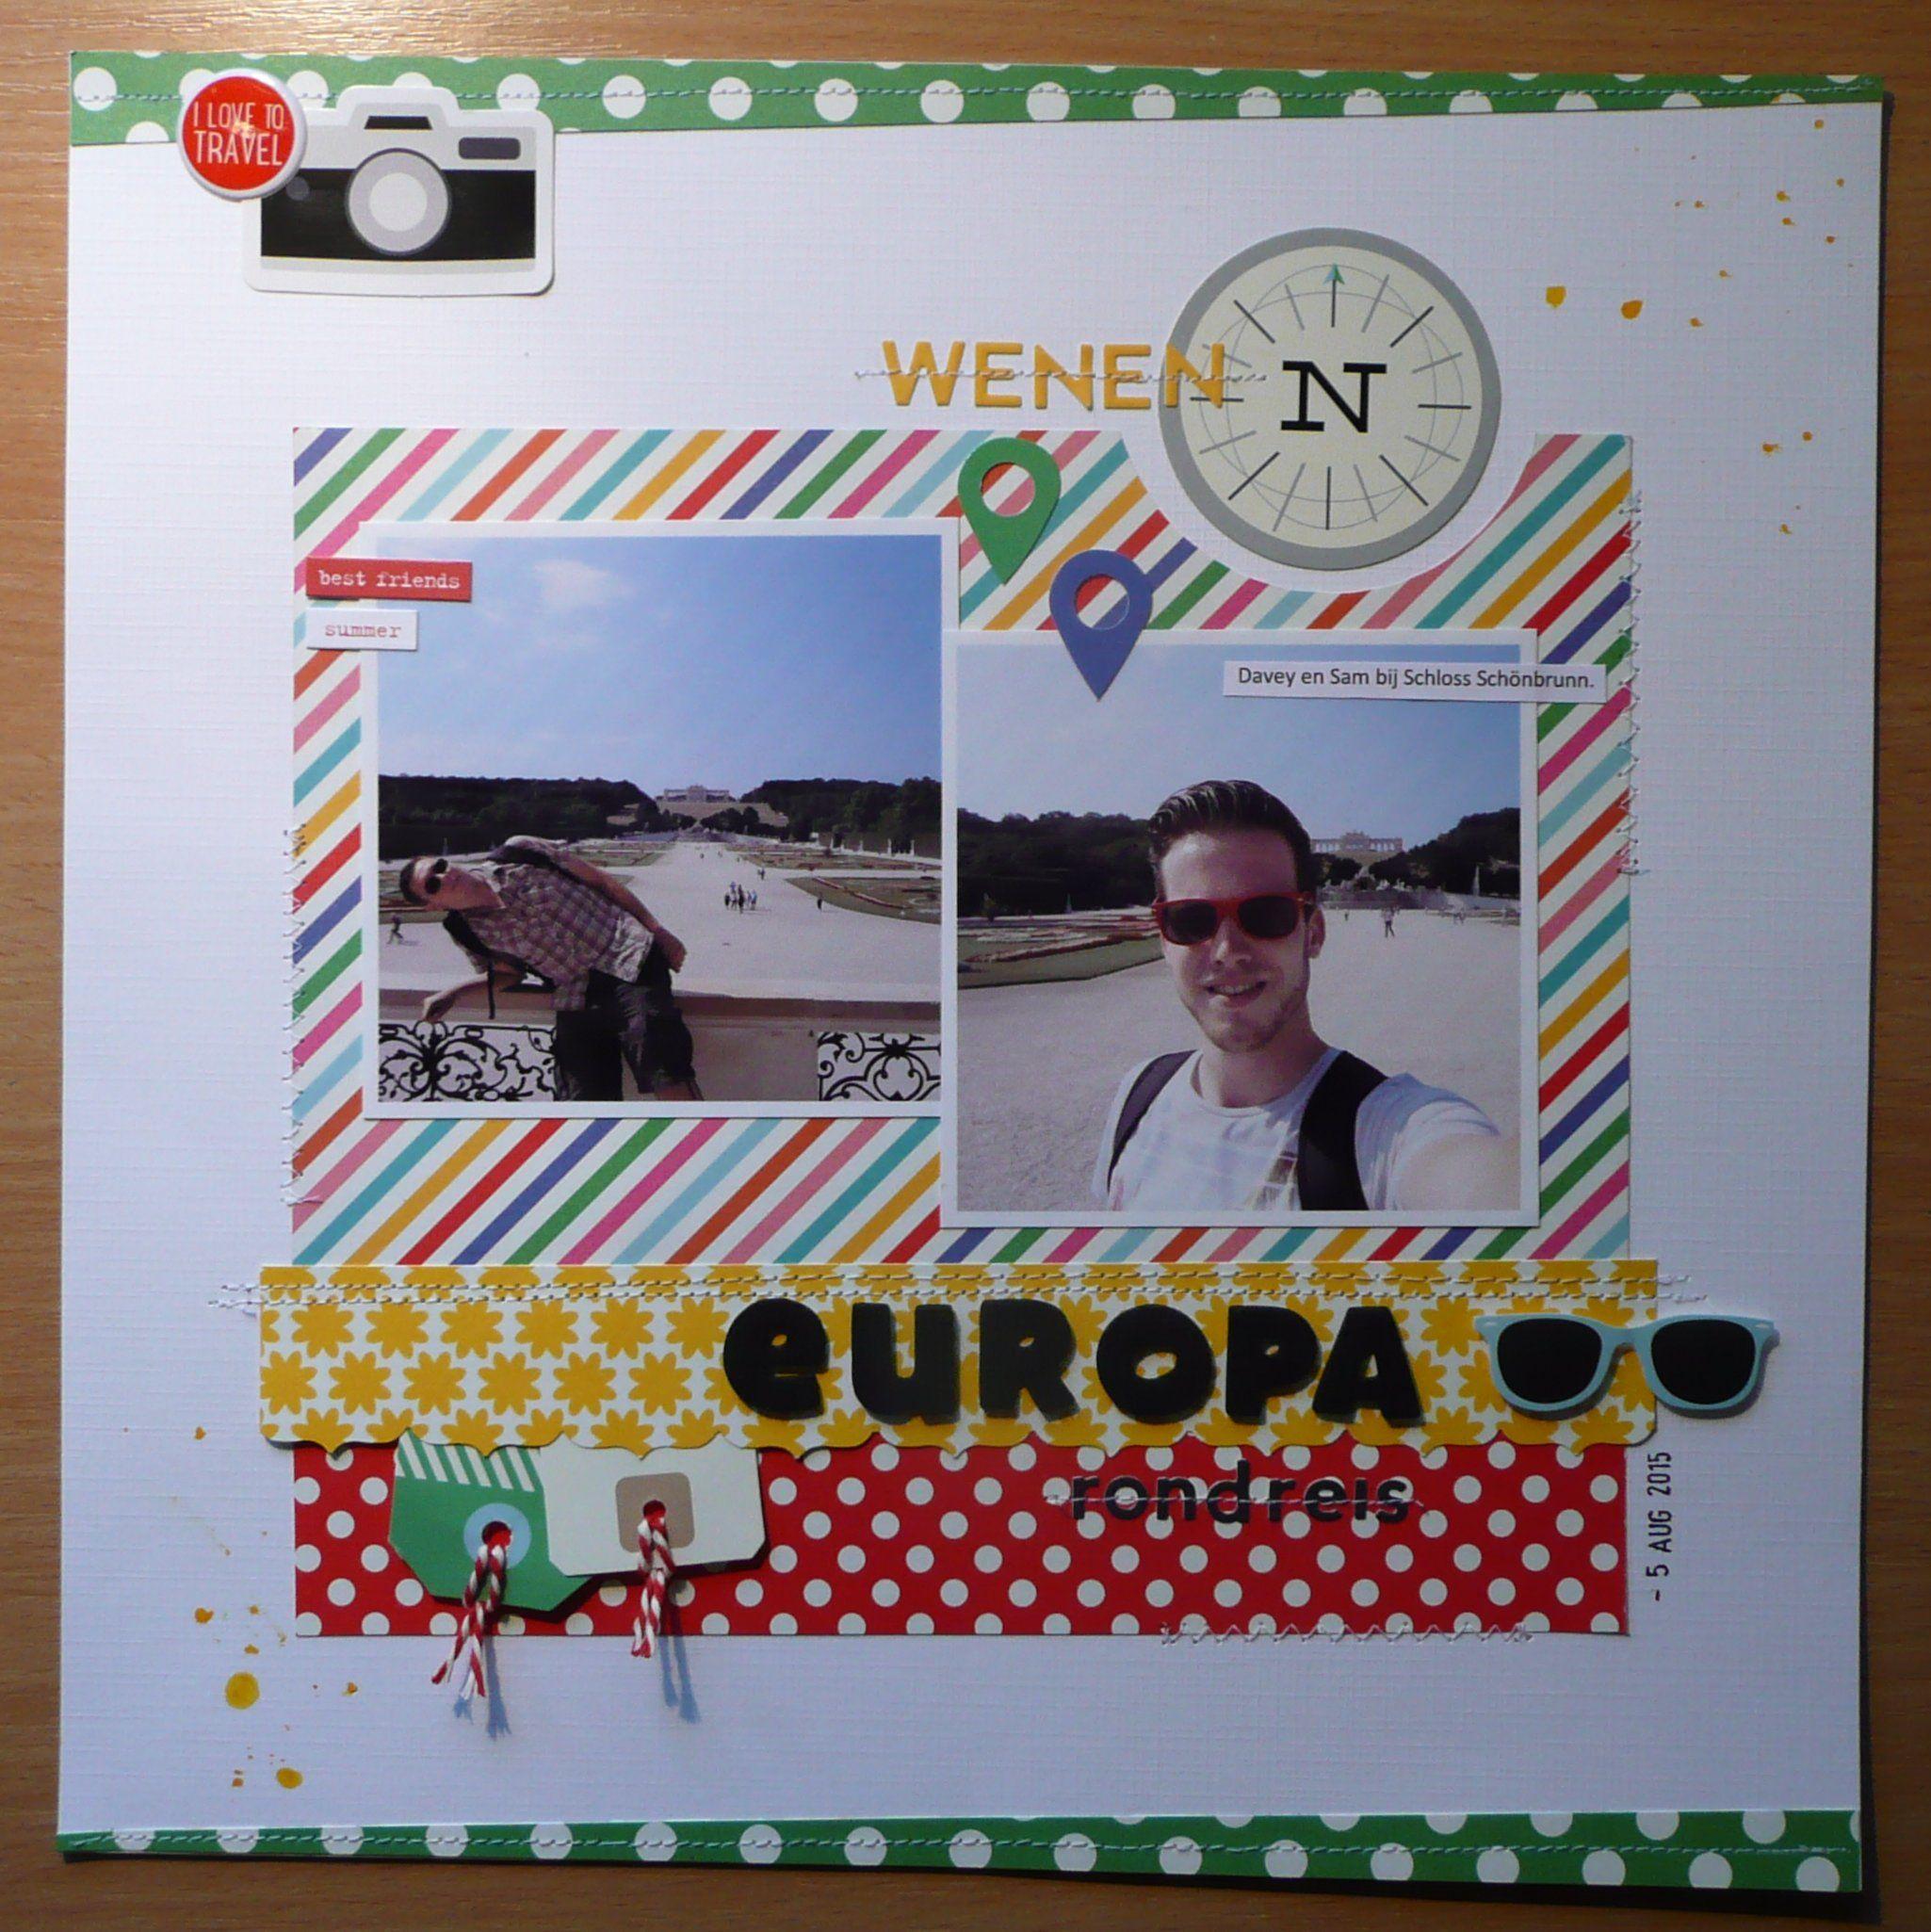 Europa+rondreis - Scrapbook.com